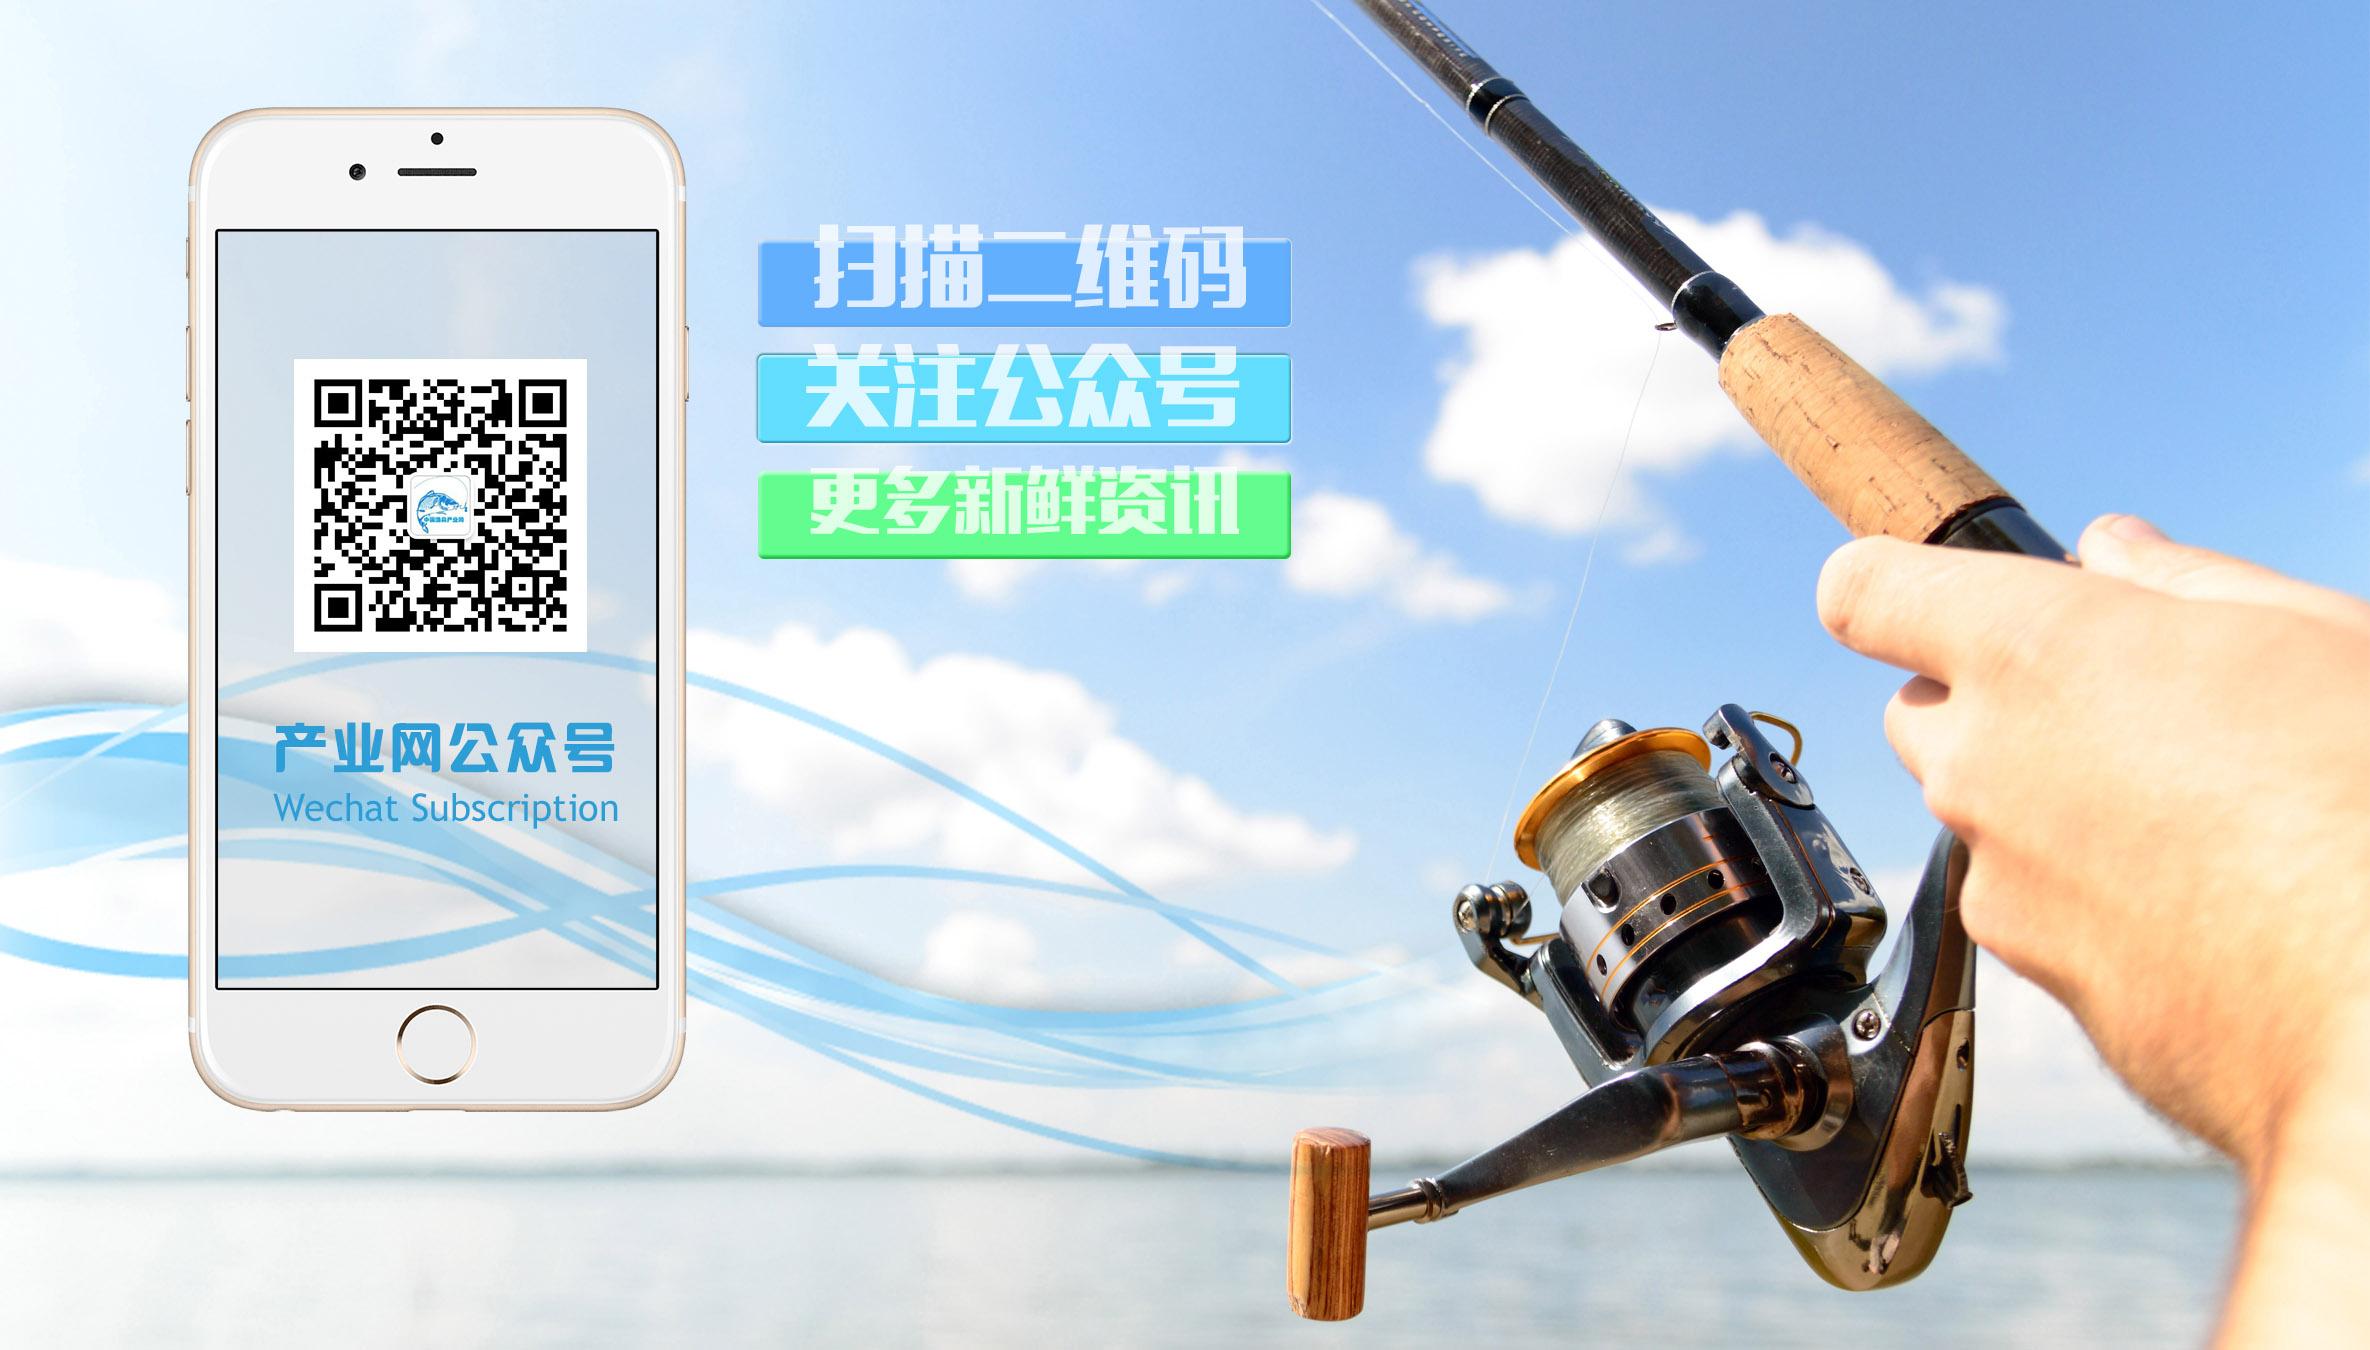 渔具产业带公众号